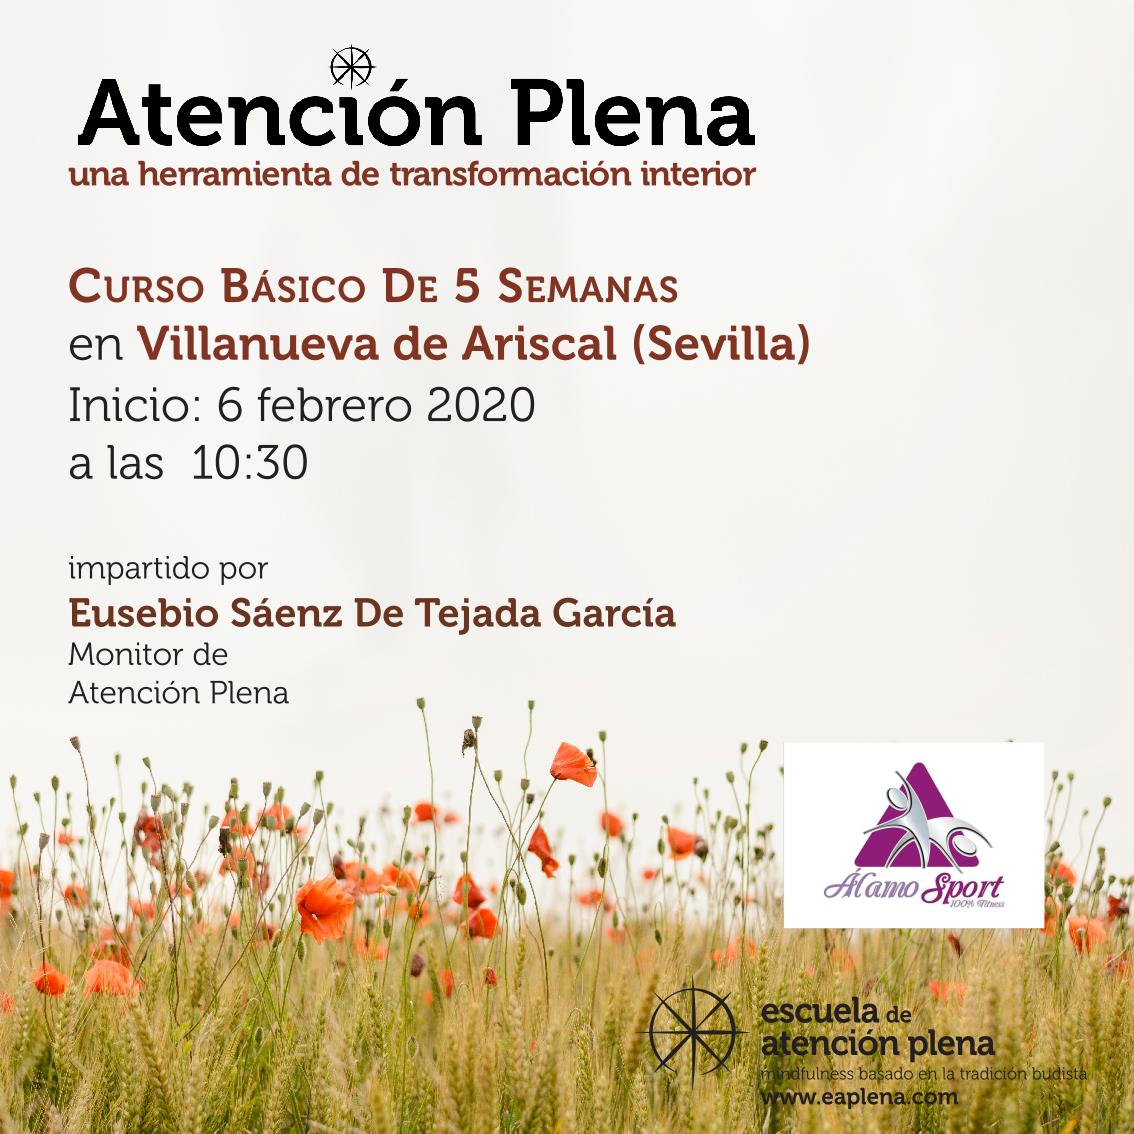 Curso Básico de 5 Semanas en Villanueva del Ariscal